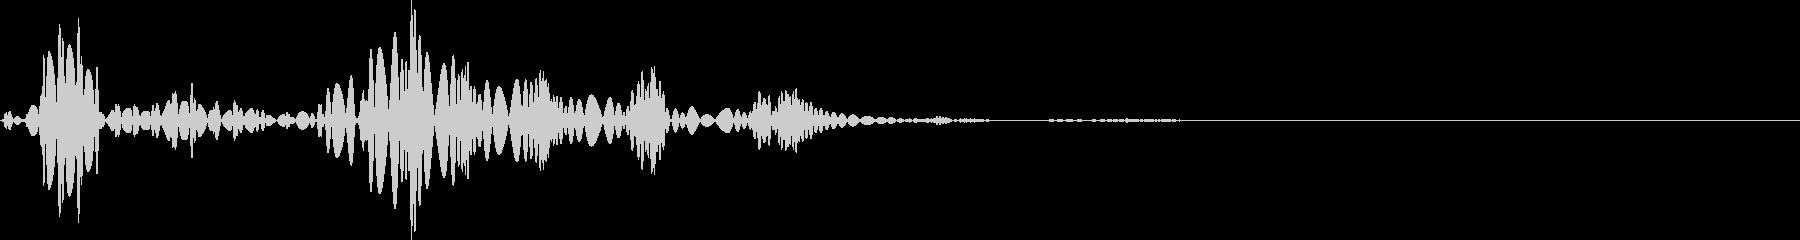 ビュルル(マイナスイメージ_毒)の未再生の波形